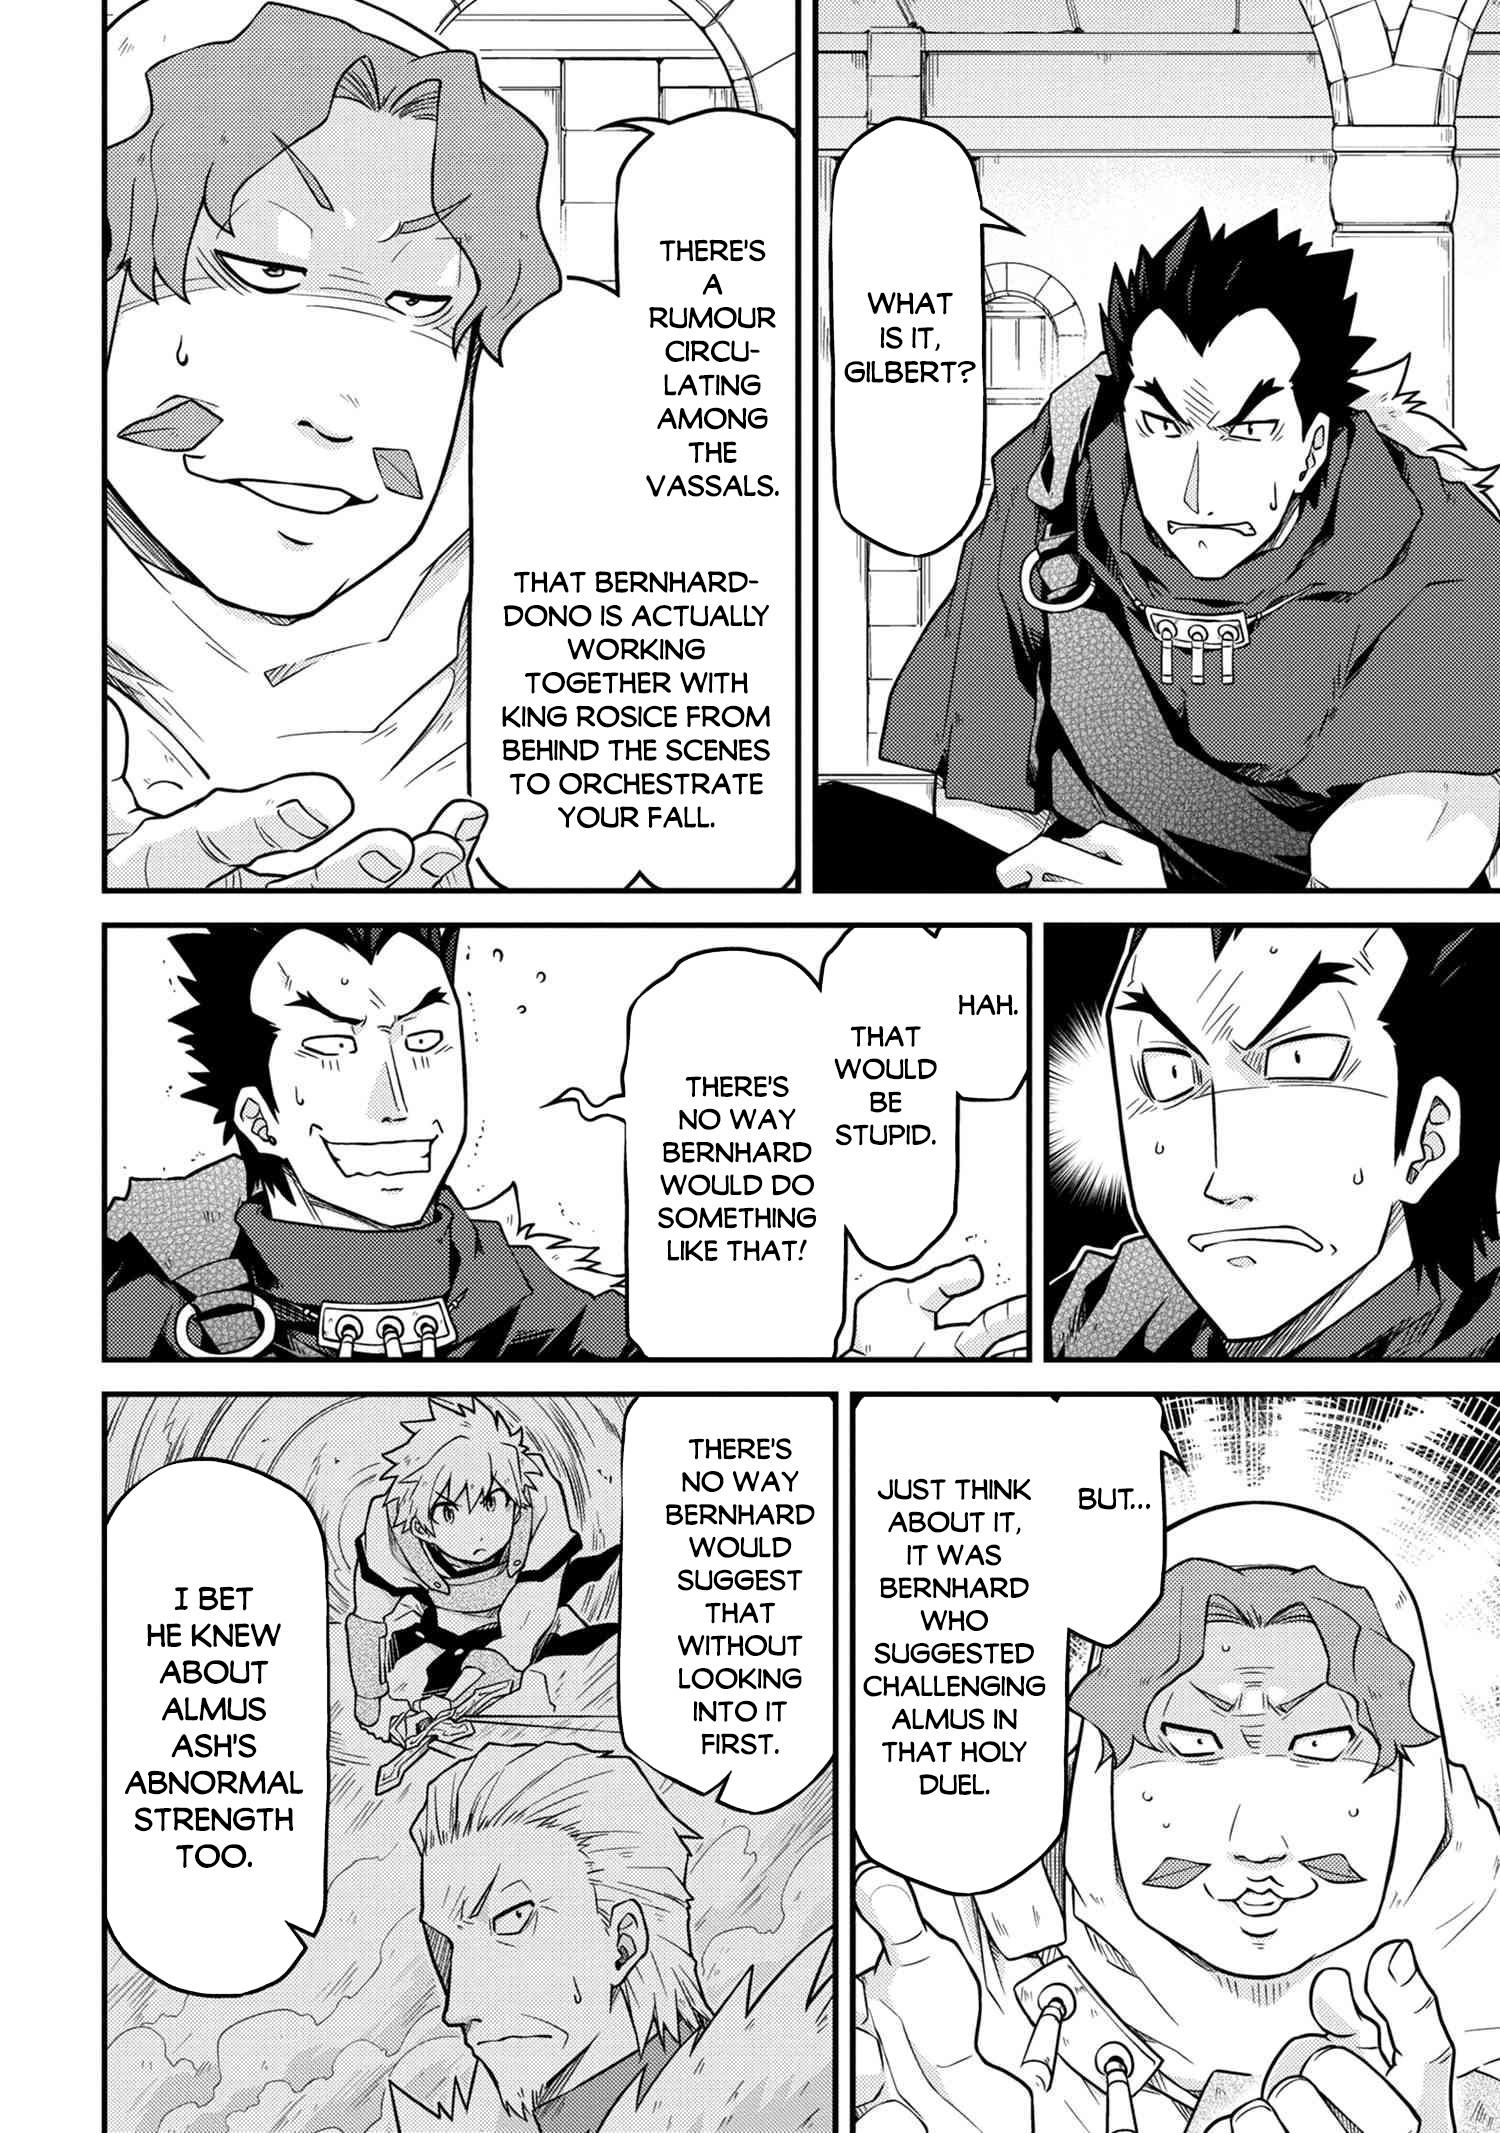 Isekai Kenkokuki - chapter 48.1-eng-li